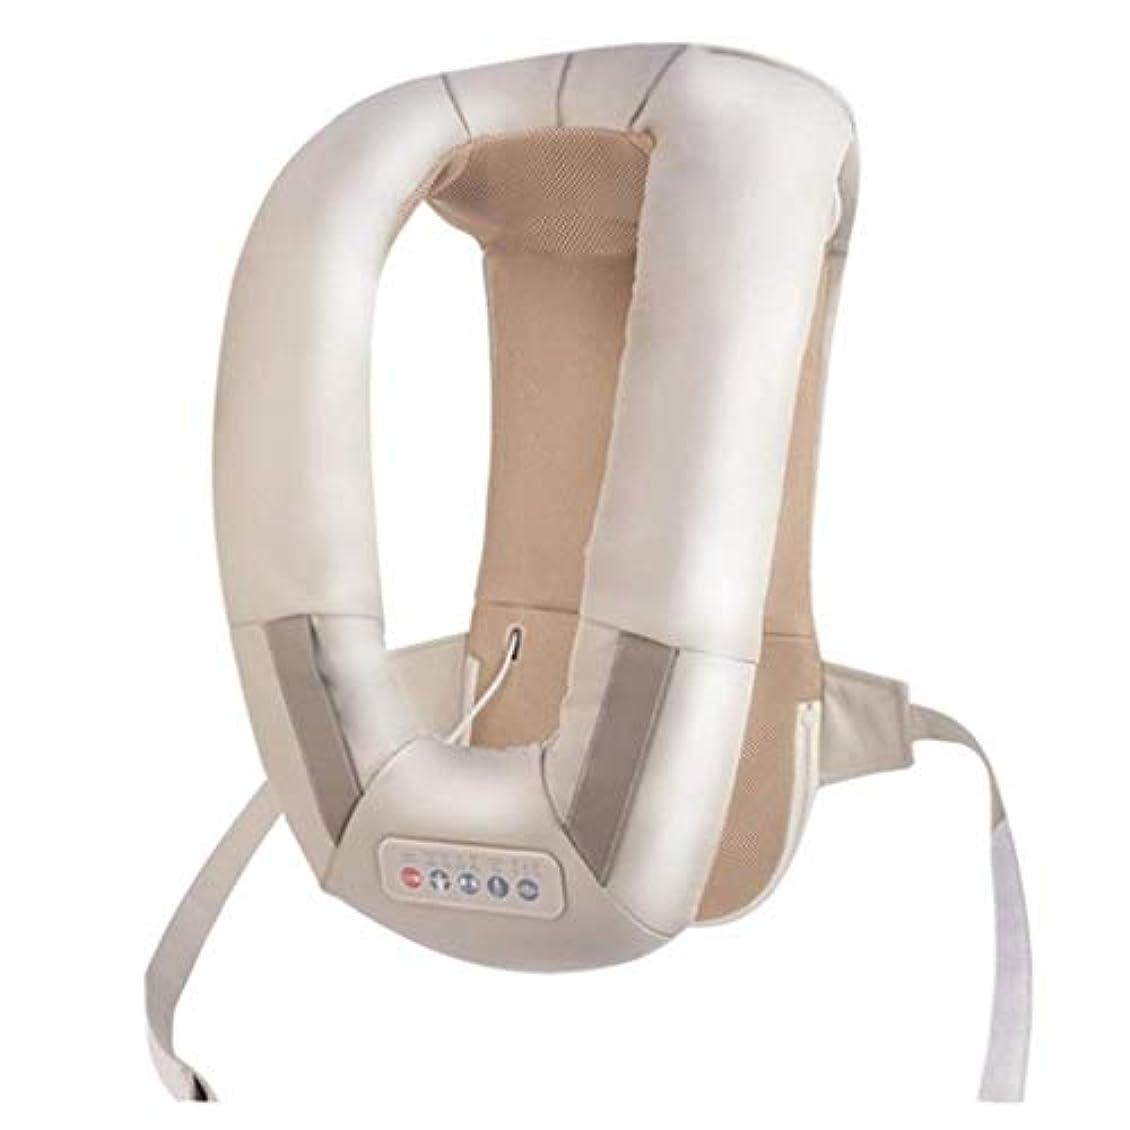 フォアタイプ発掘からに変化する首の背中のマッサージ、肩/首の加熱/温かいマッサージ機器、血液循環を促進し、筋肉の圧力を緩和し、痛みを和らげ、オフィス/ホーム